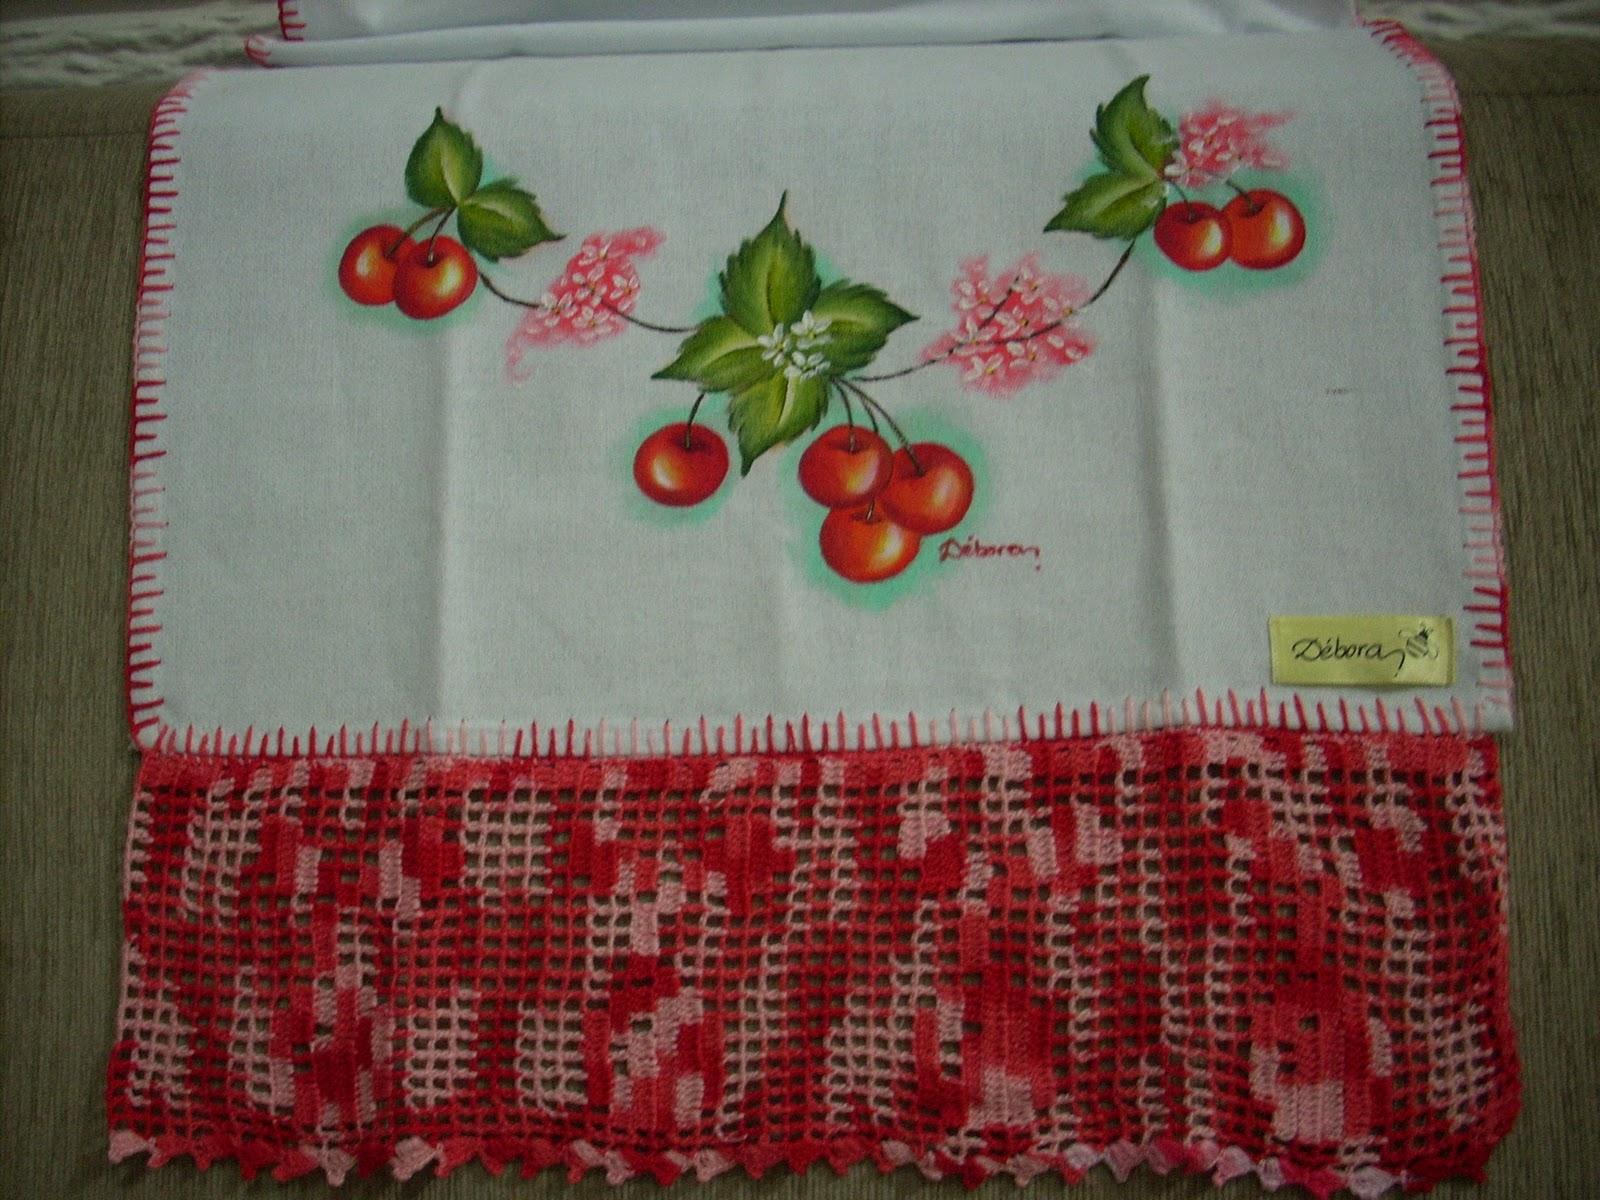 Pano de Prato pintado com cerejinhas combinando com o crochê, que